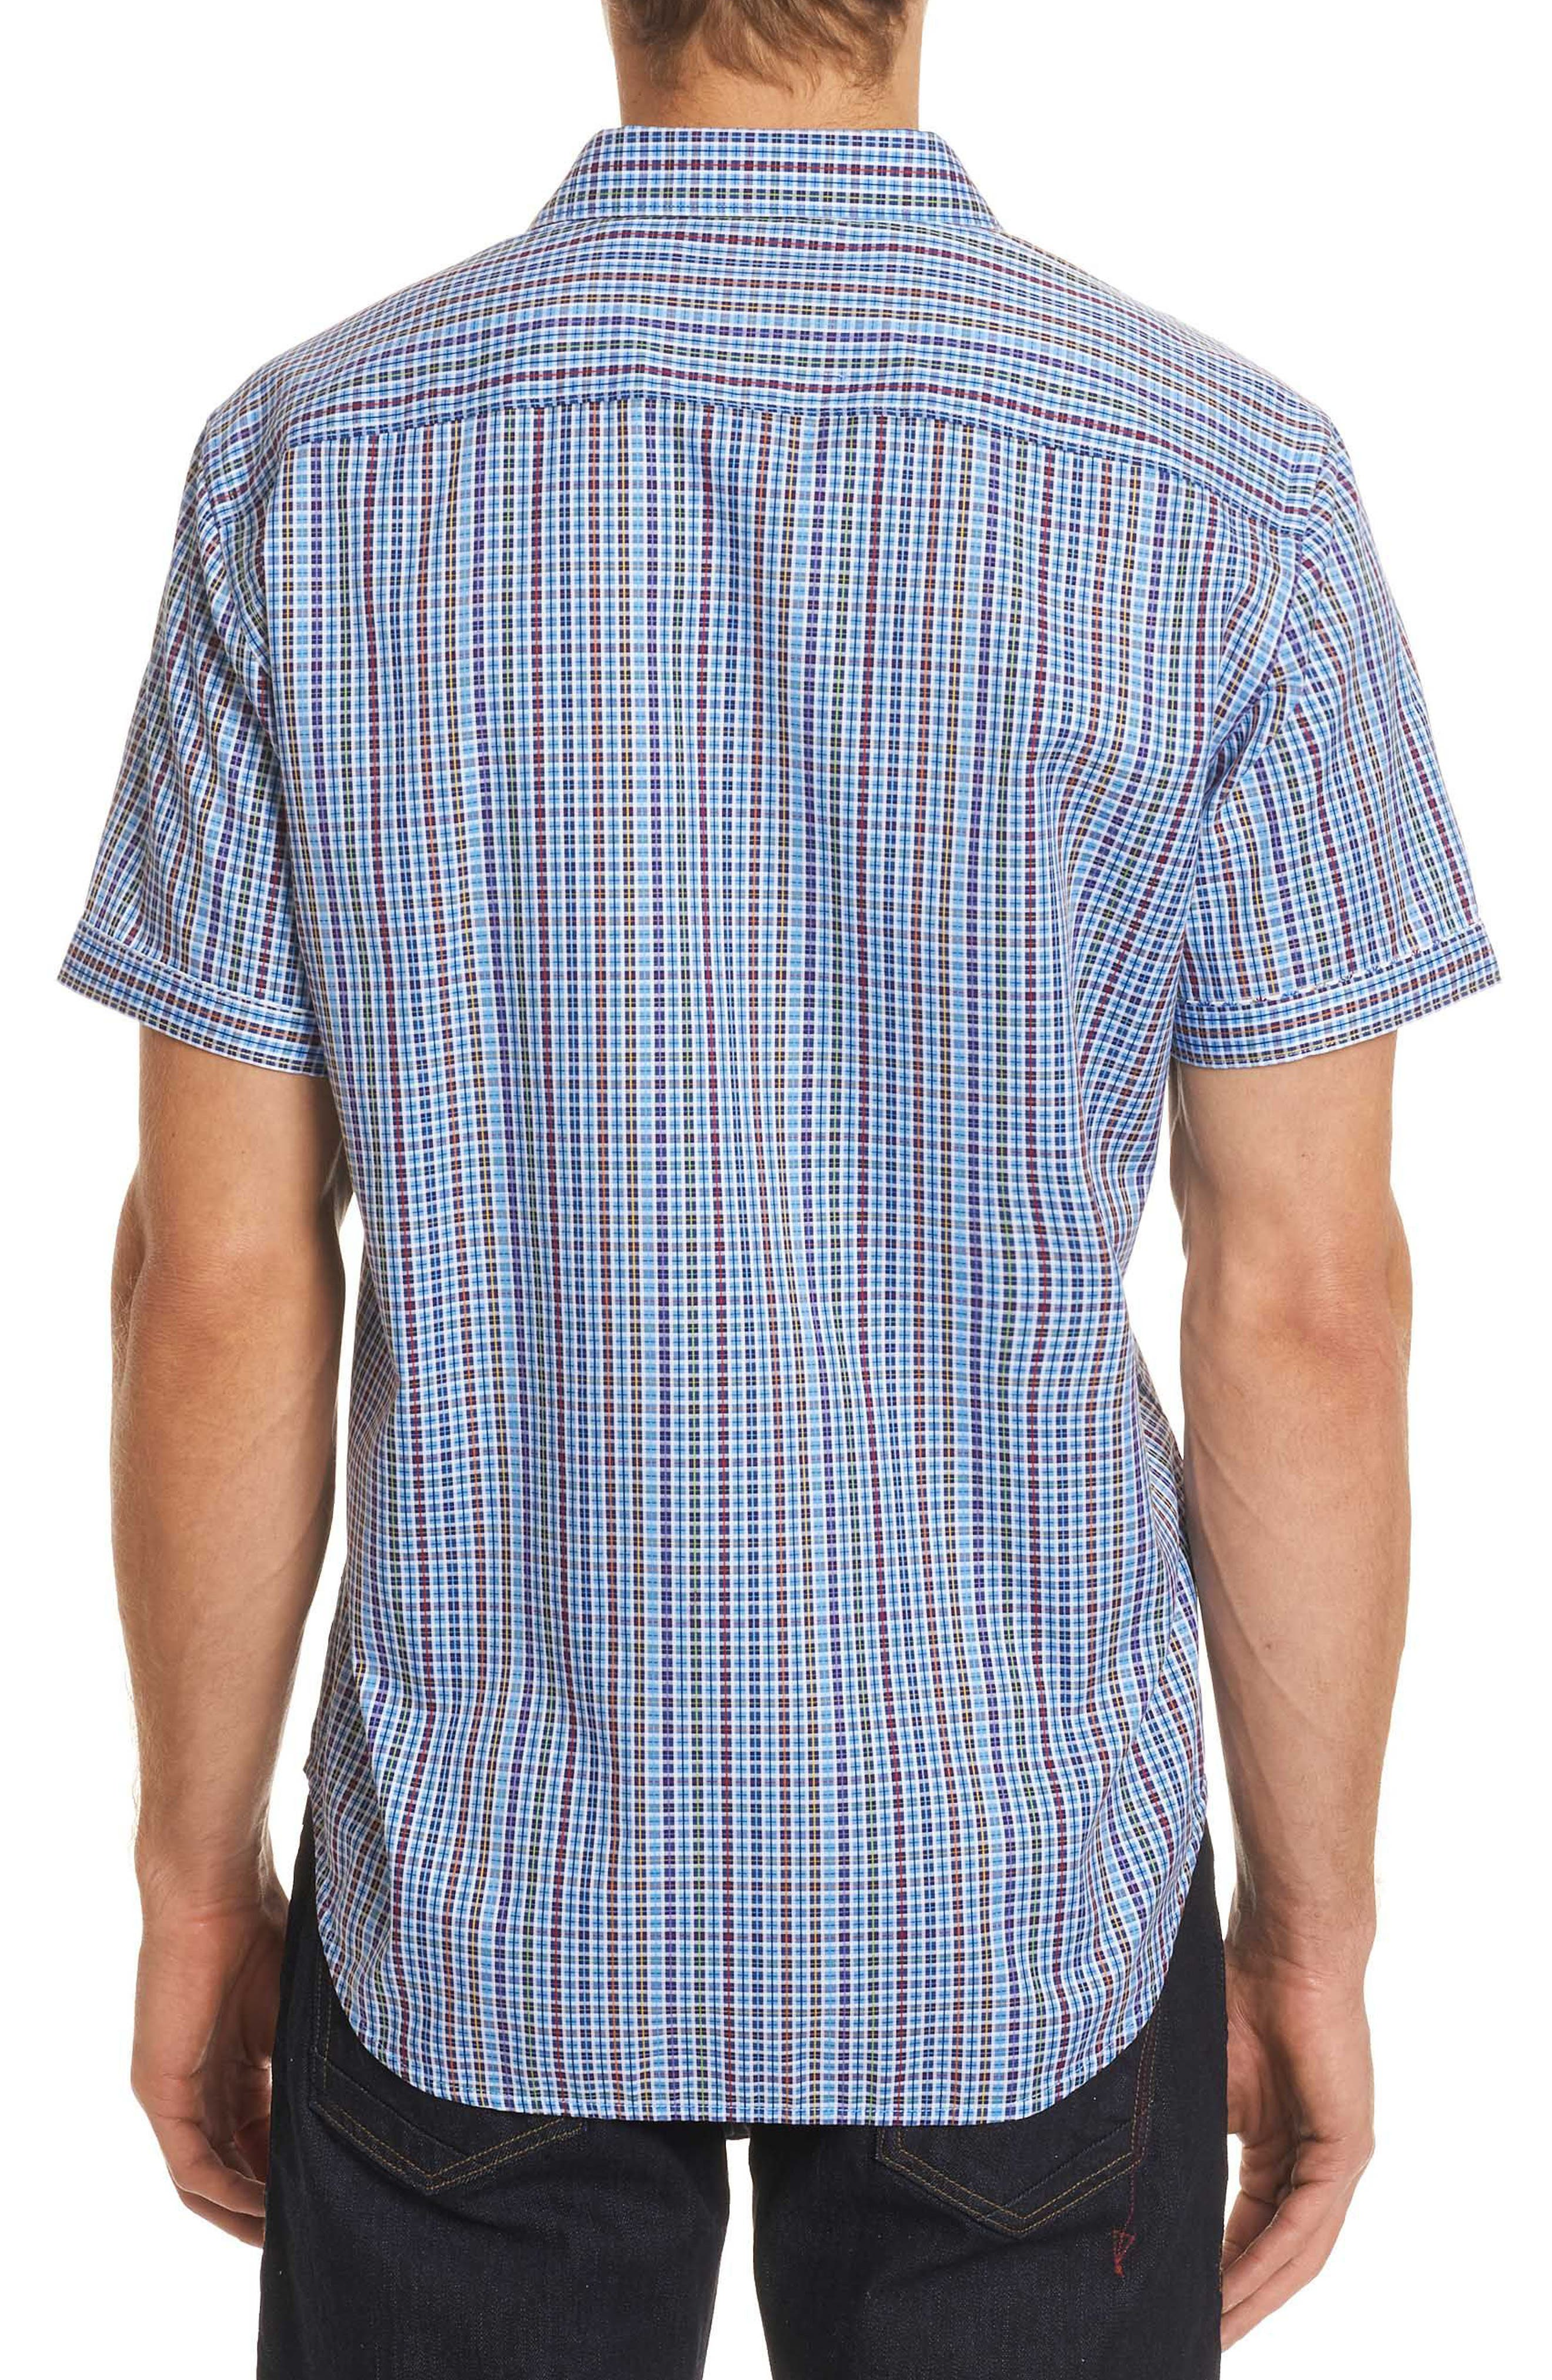 Palma Classic Fit Plaid Sport Shirt,                             Alternate thumbnail 3, color,                             Multi